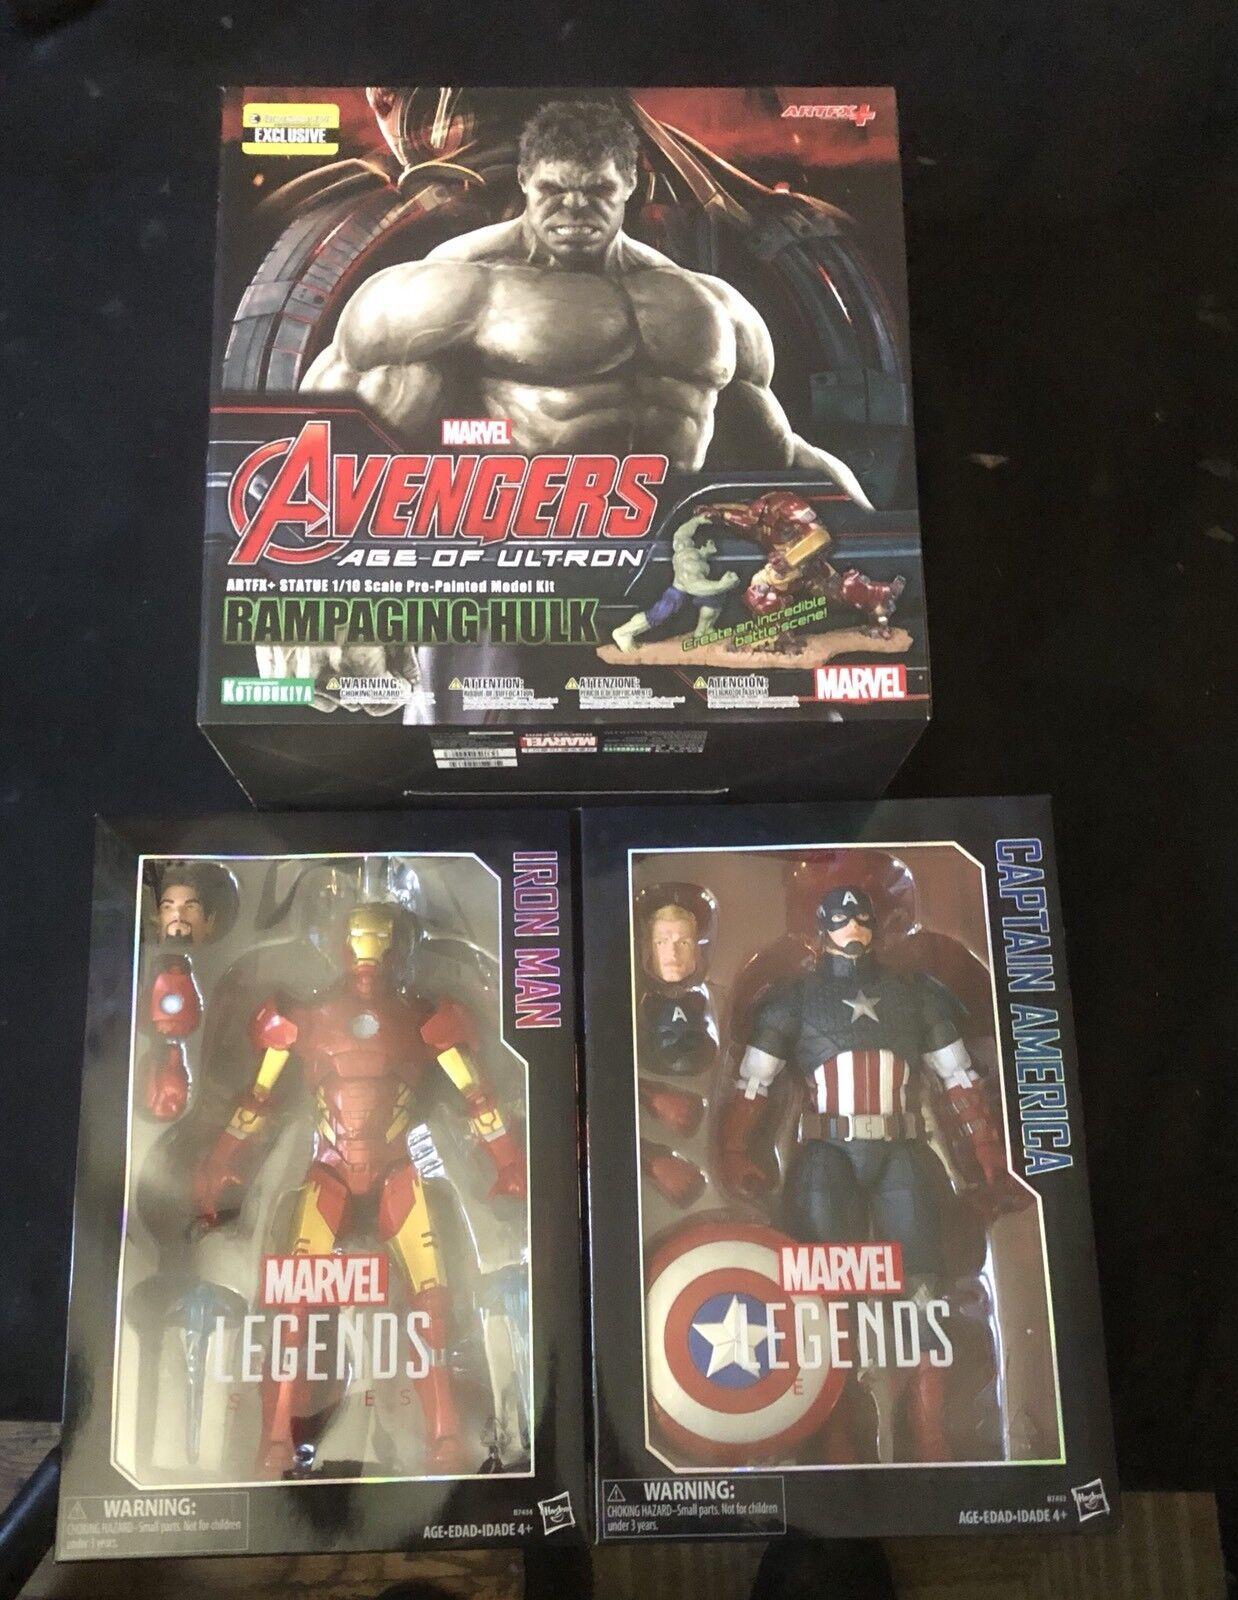 復讐者は、アイアンマンとキャプテンアメリカ  マーベル伝説12